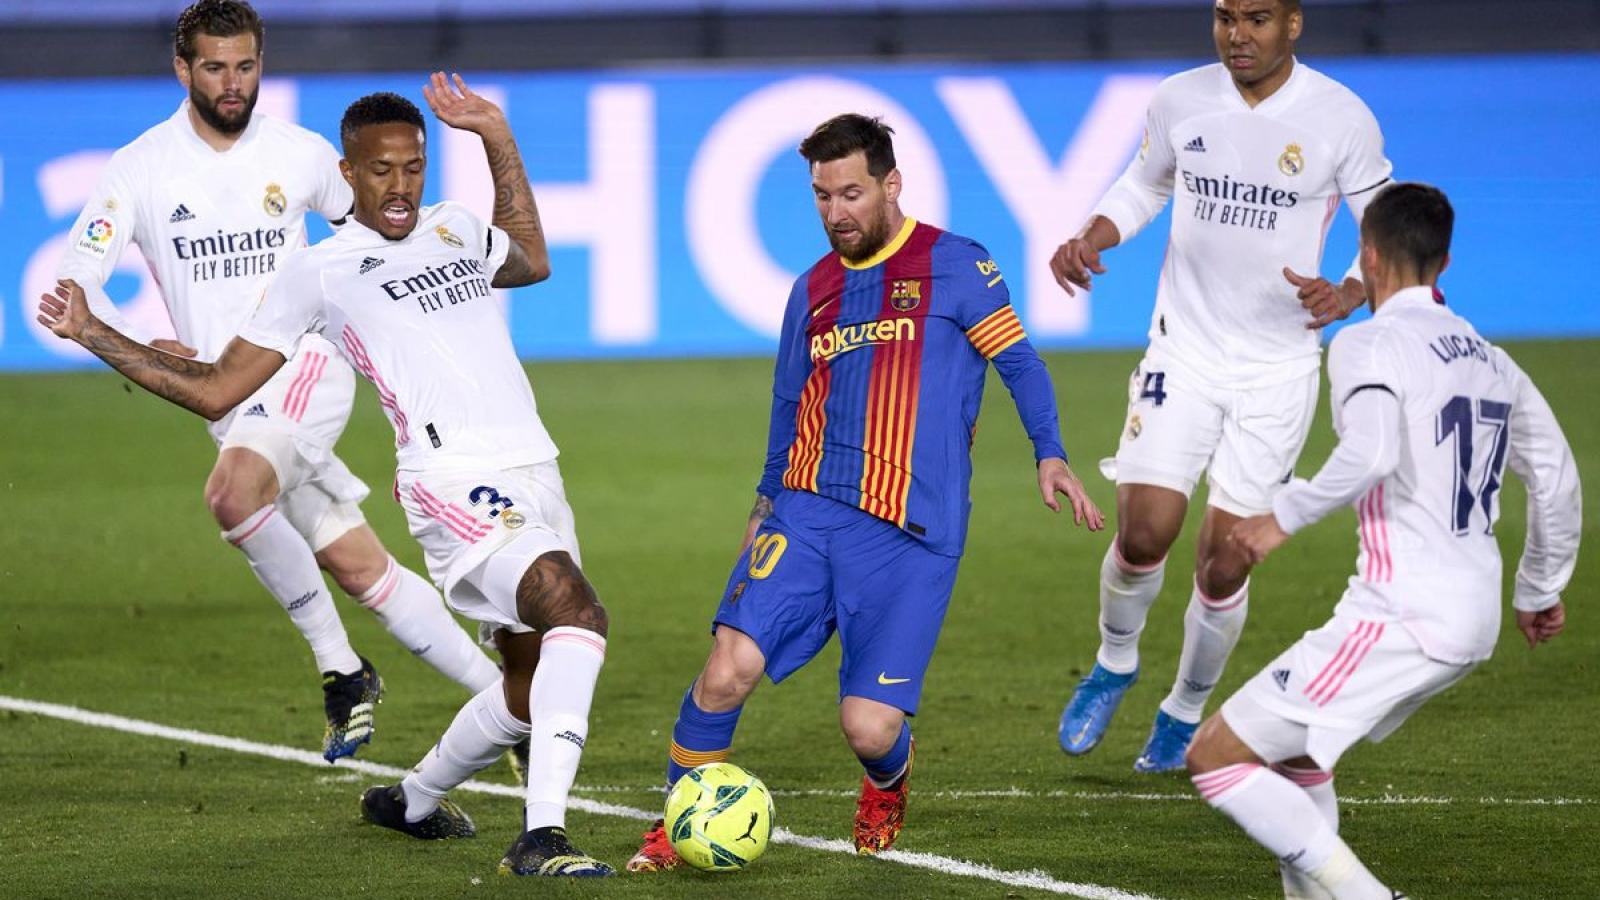 Siêu kinh điển Barca - Real Madrid xuất hiện ở Siêu Cúp Tây Ban Nha